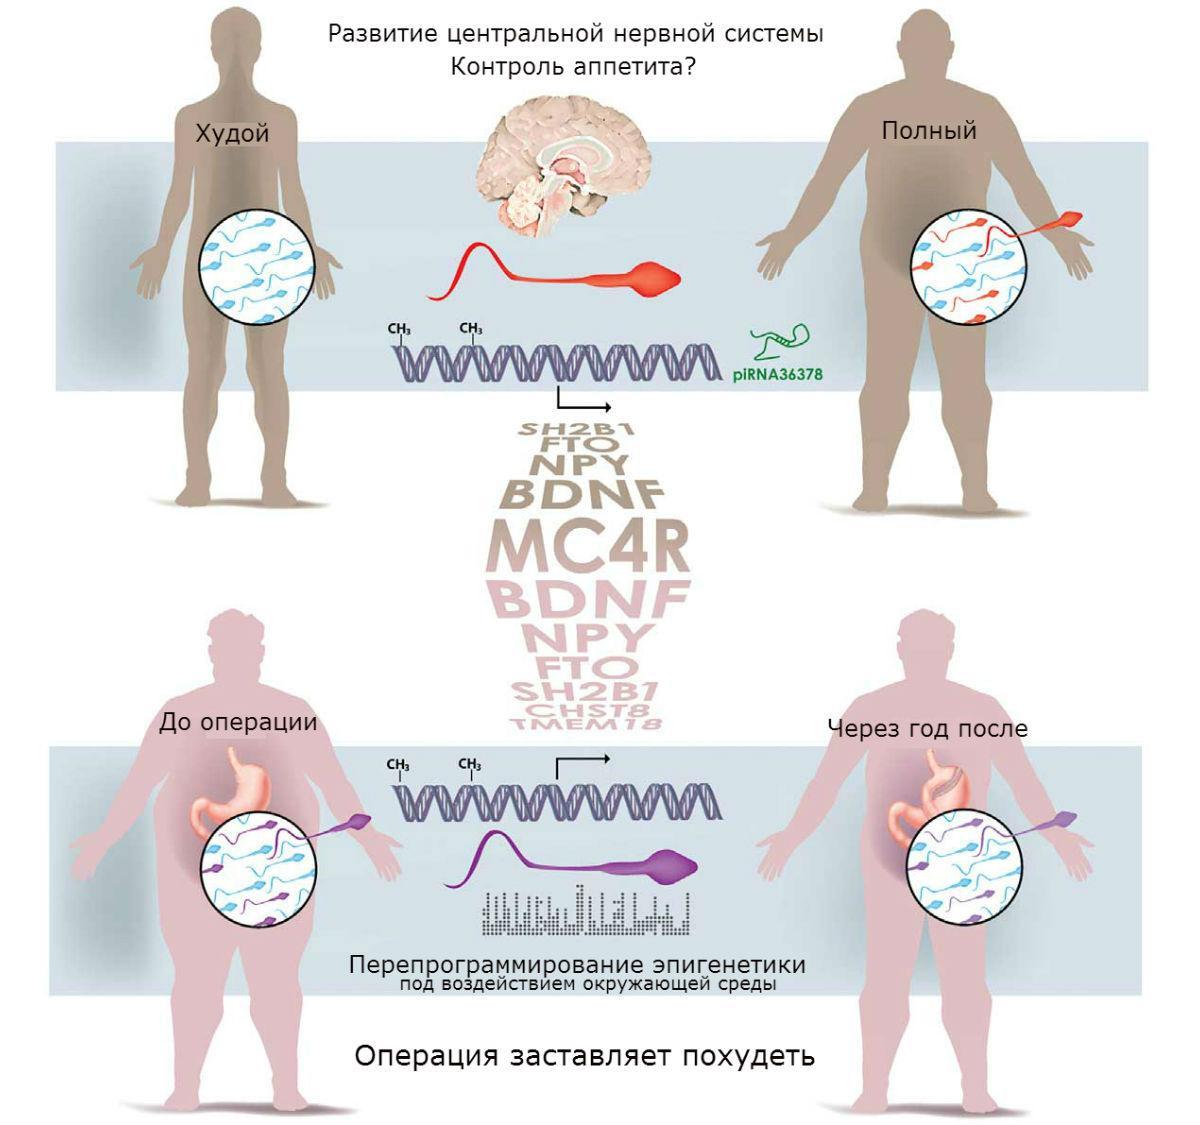 Избыточный вес заставляет организм мужчин создавать сперму с тысячами генных мутаций